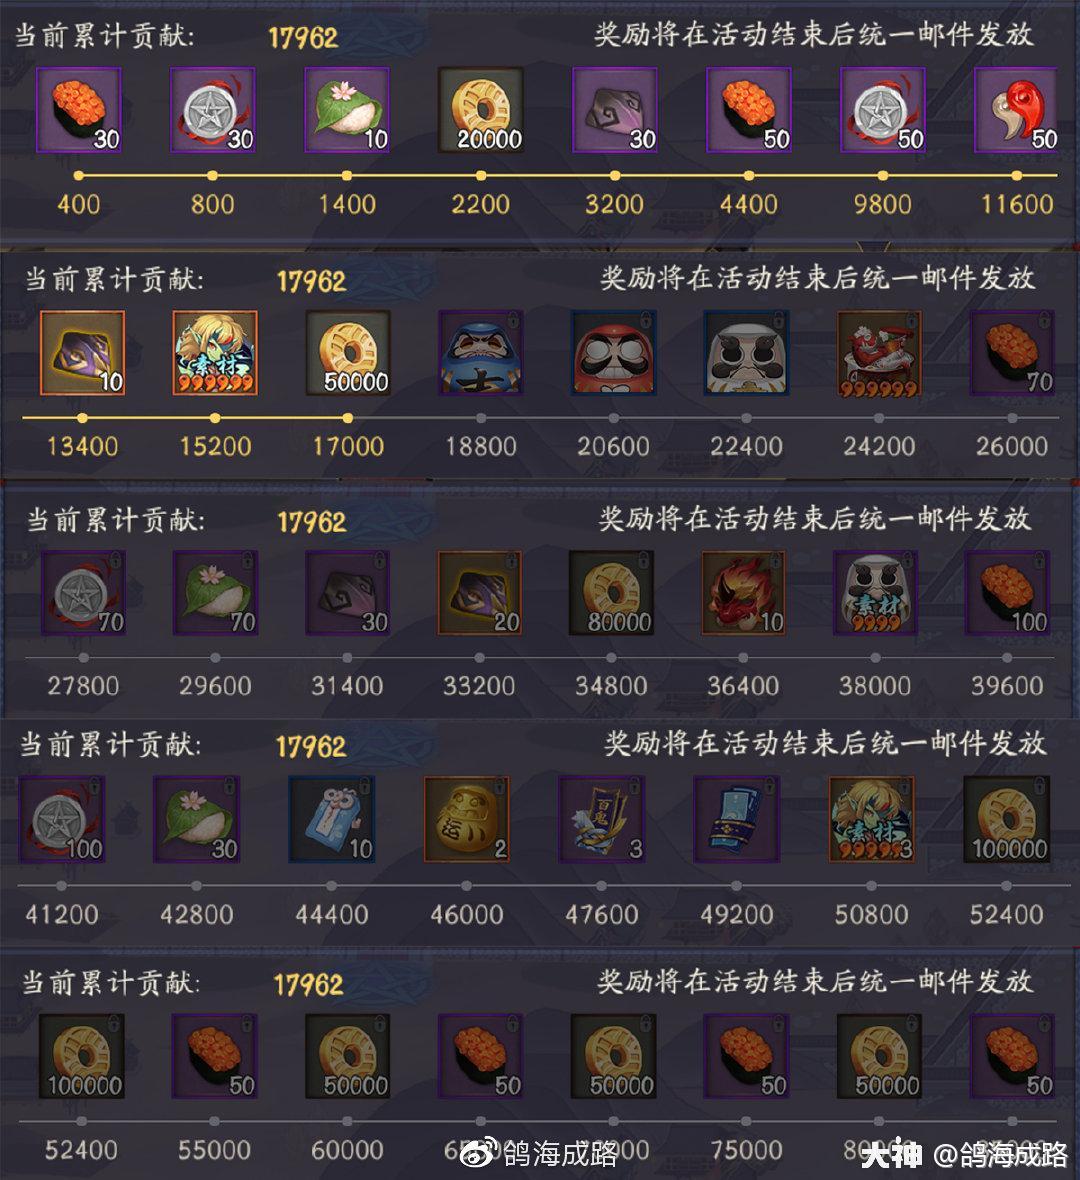 阴阳师:大富翁2.0!阴阳之守攻略详解,玩法、阵容、奖励兑换一次读懂